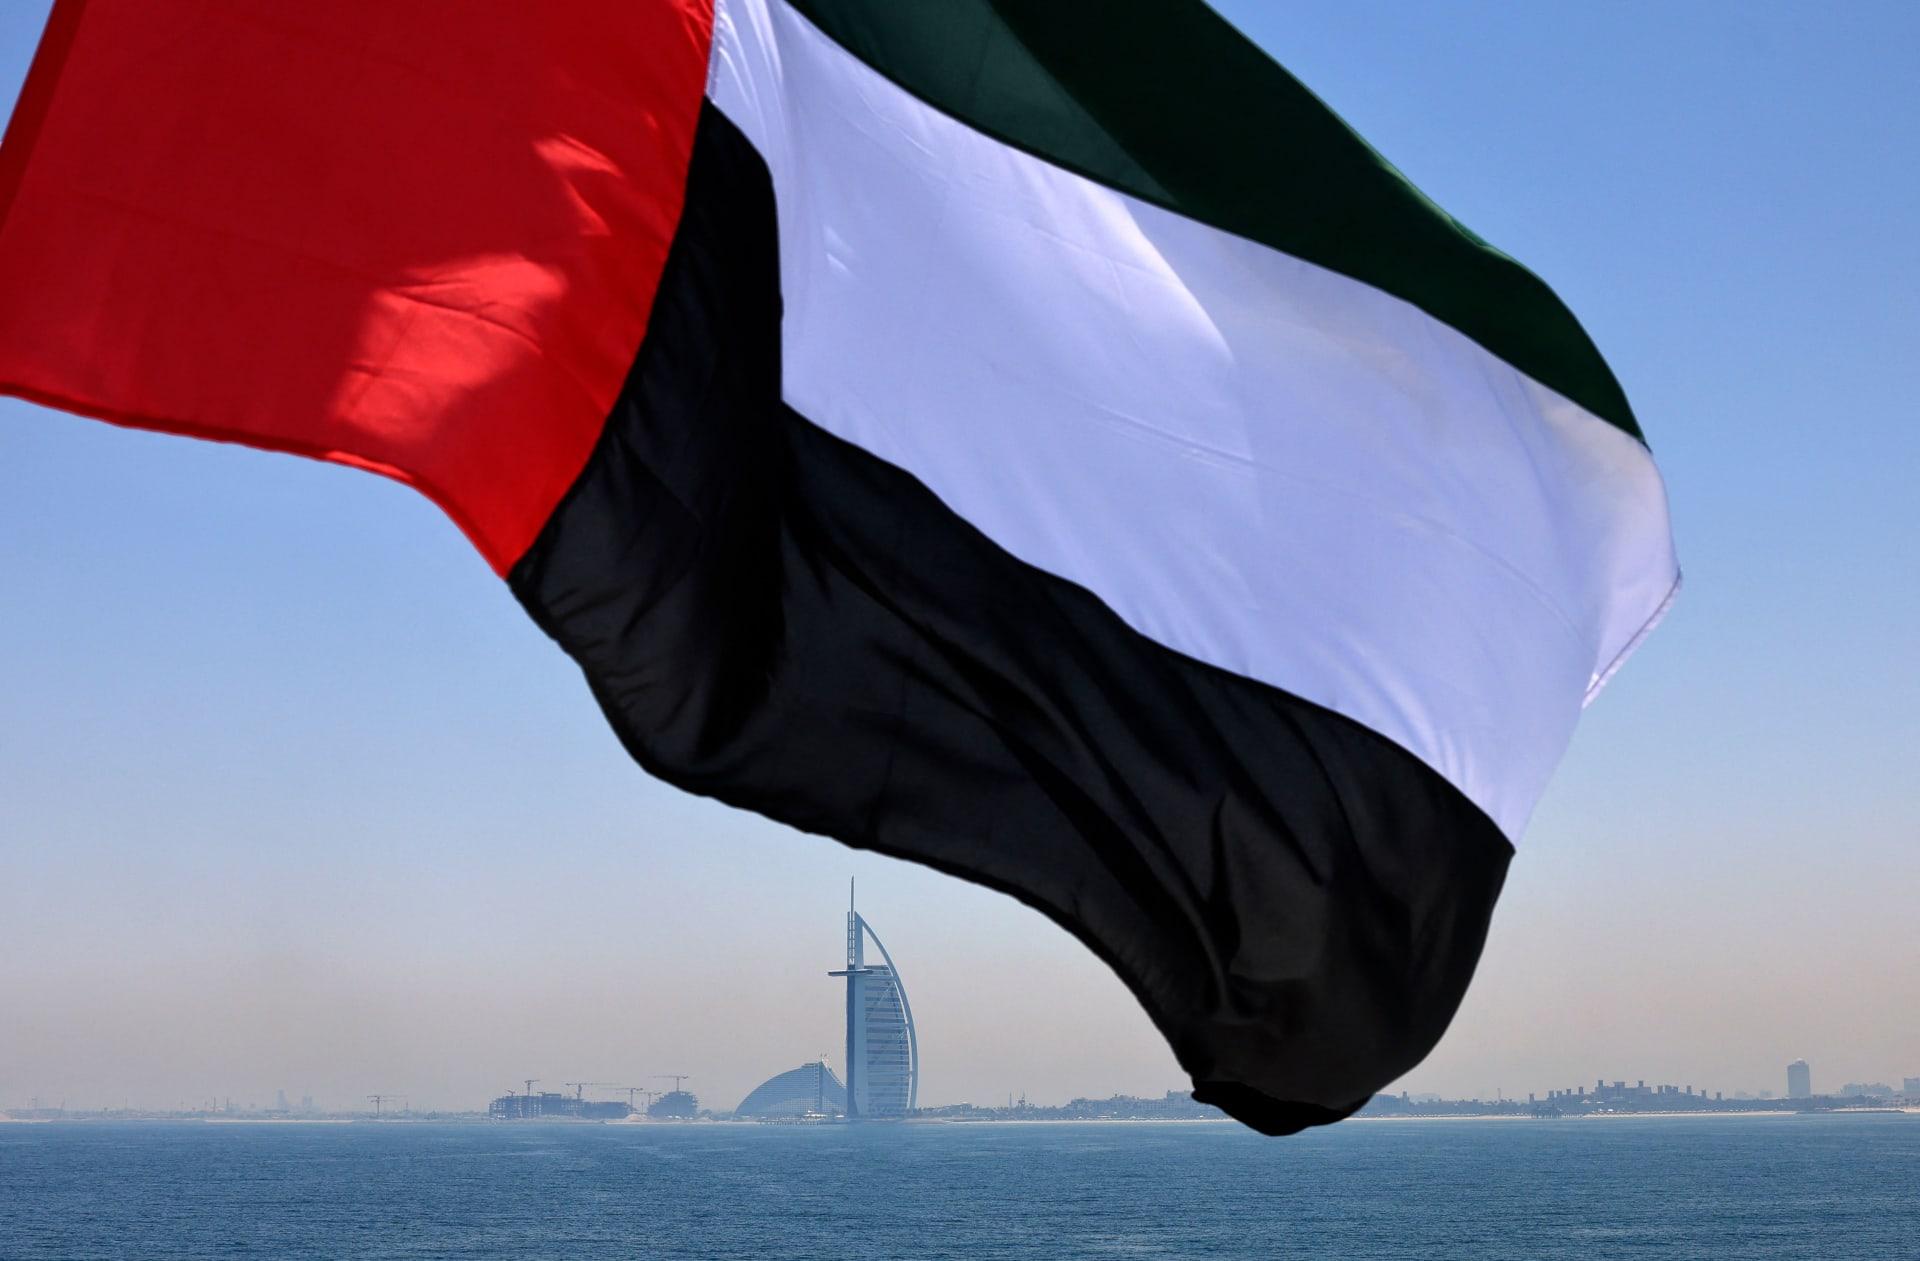 علم الإمارات يرفرف فوق مرسى دبي وفندق برج العرب في الخلفية -  3 يونيو 2021